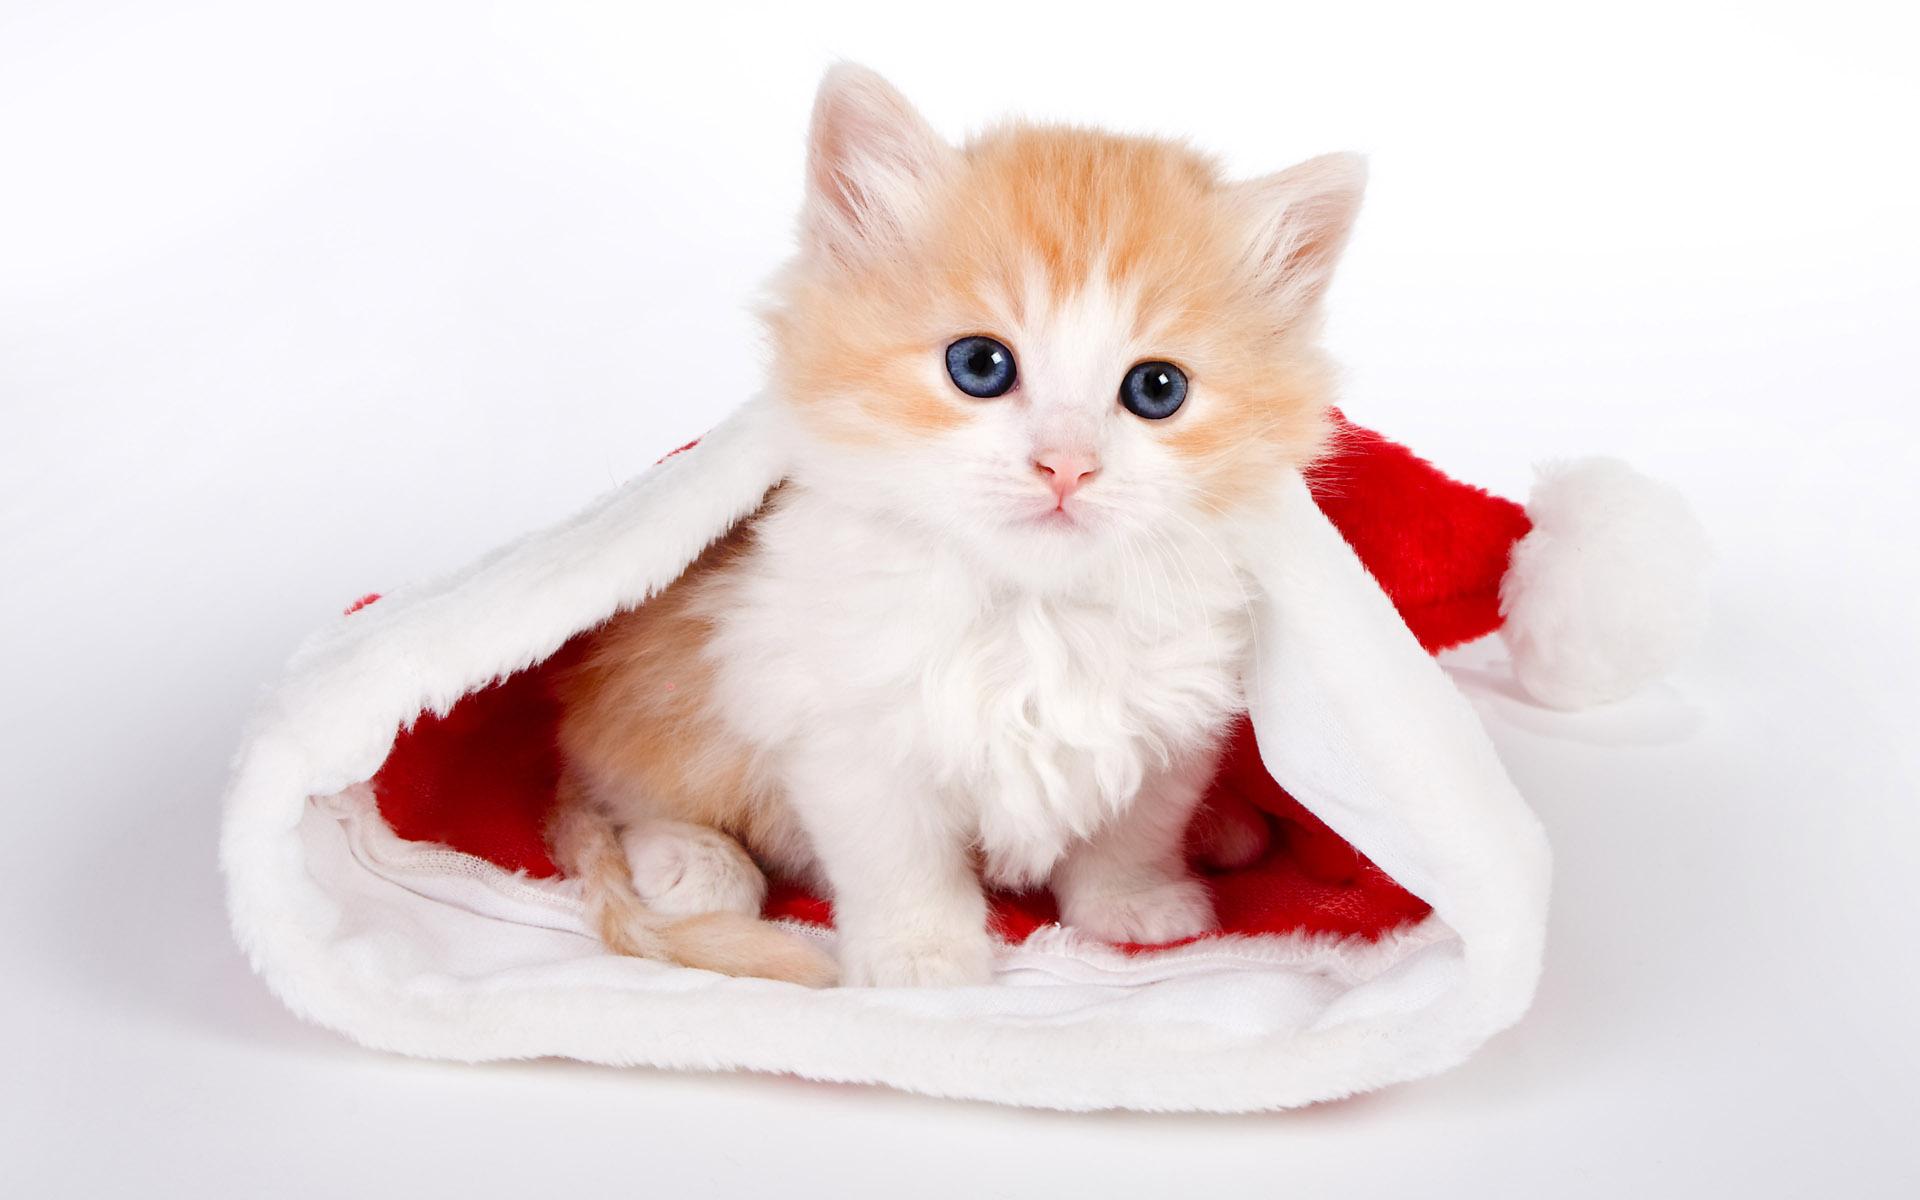 1920x1200 Cute cat in Santa hat desktop PC and Mac wallpaper 1920x1200